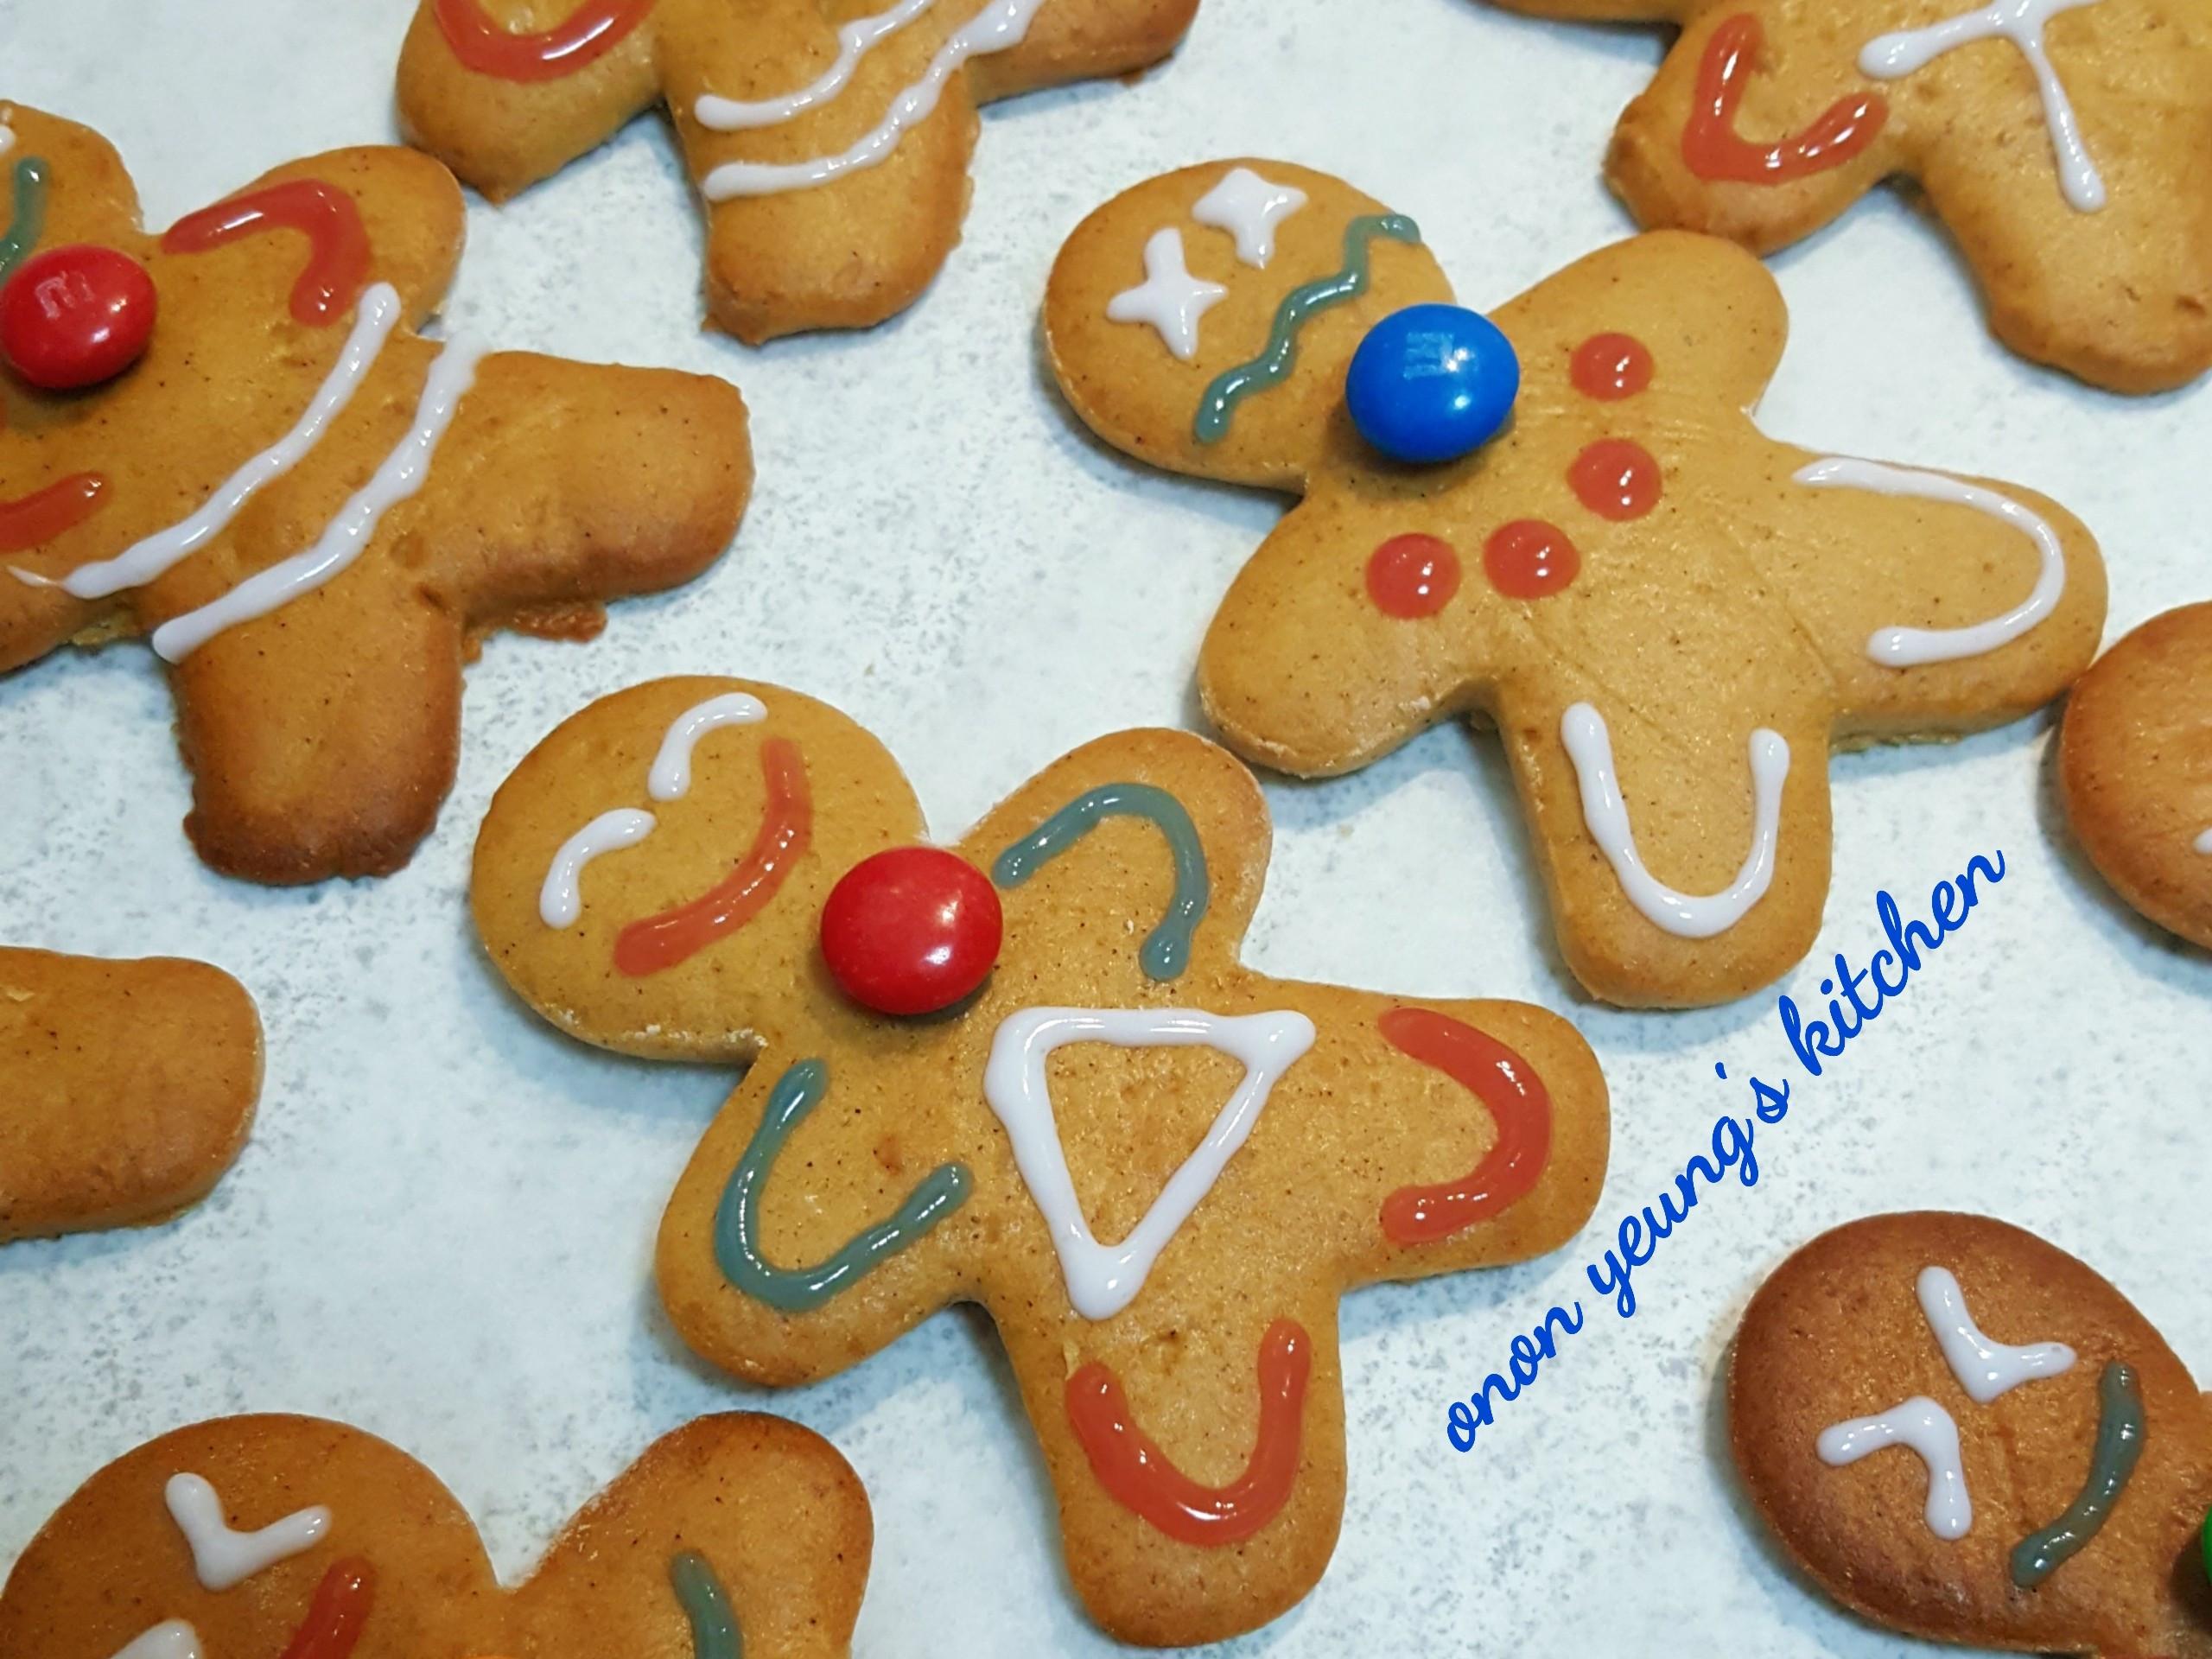 薑餅人餅乾曲奇 烘焙🌲聖誕節